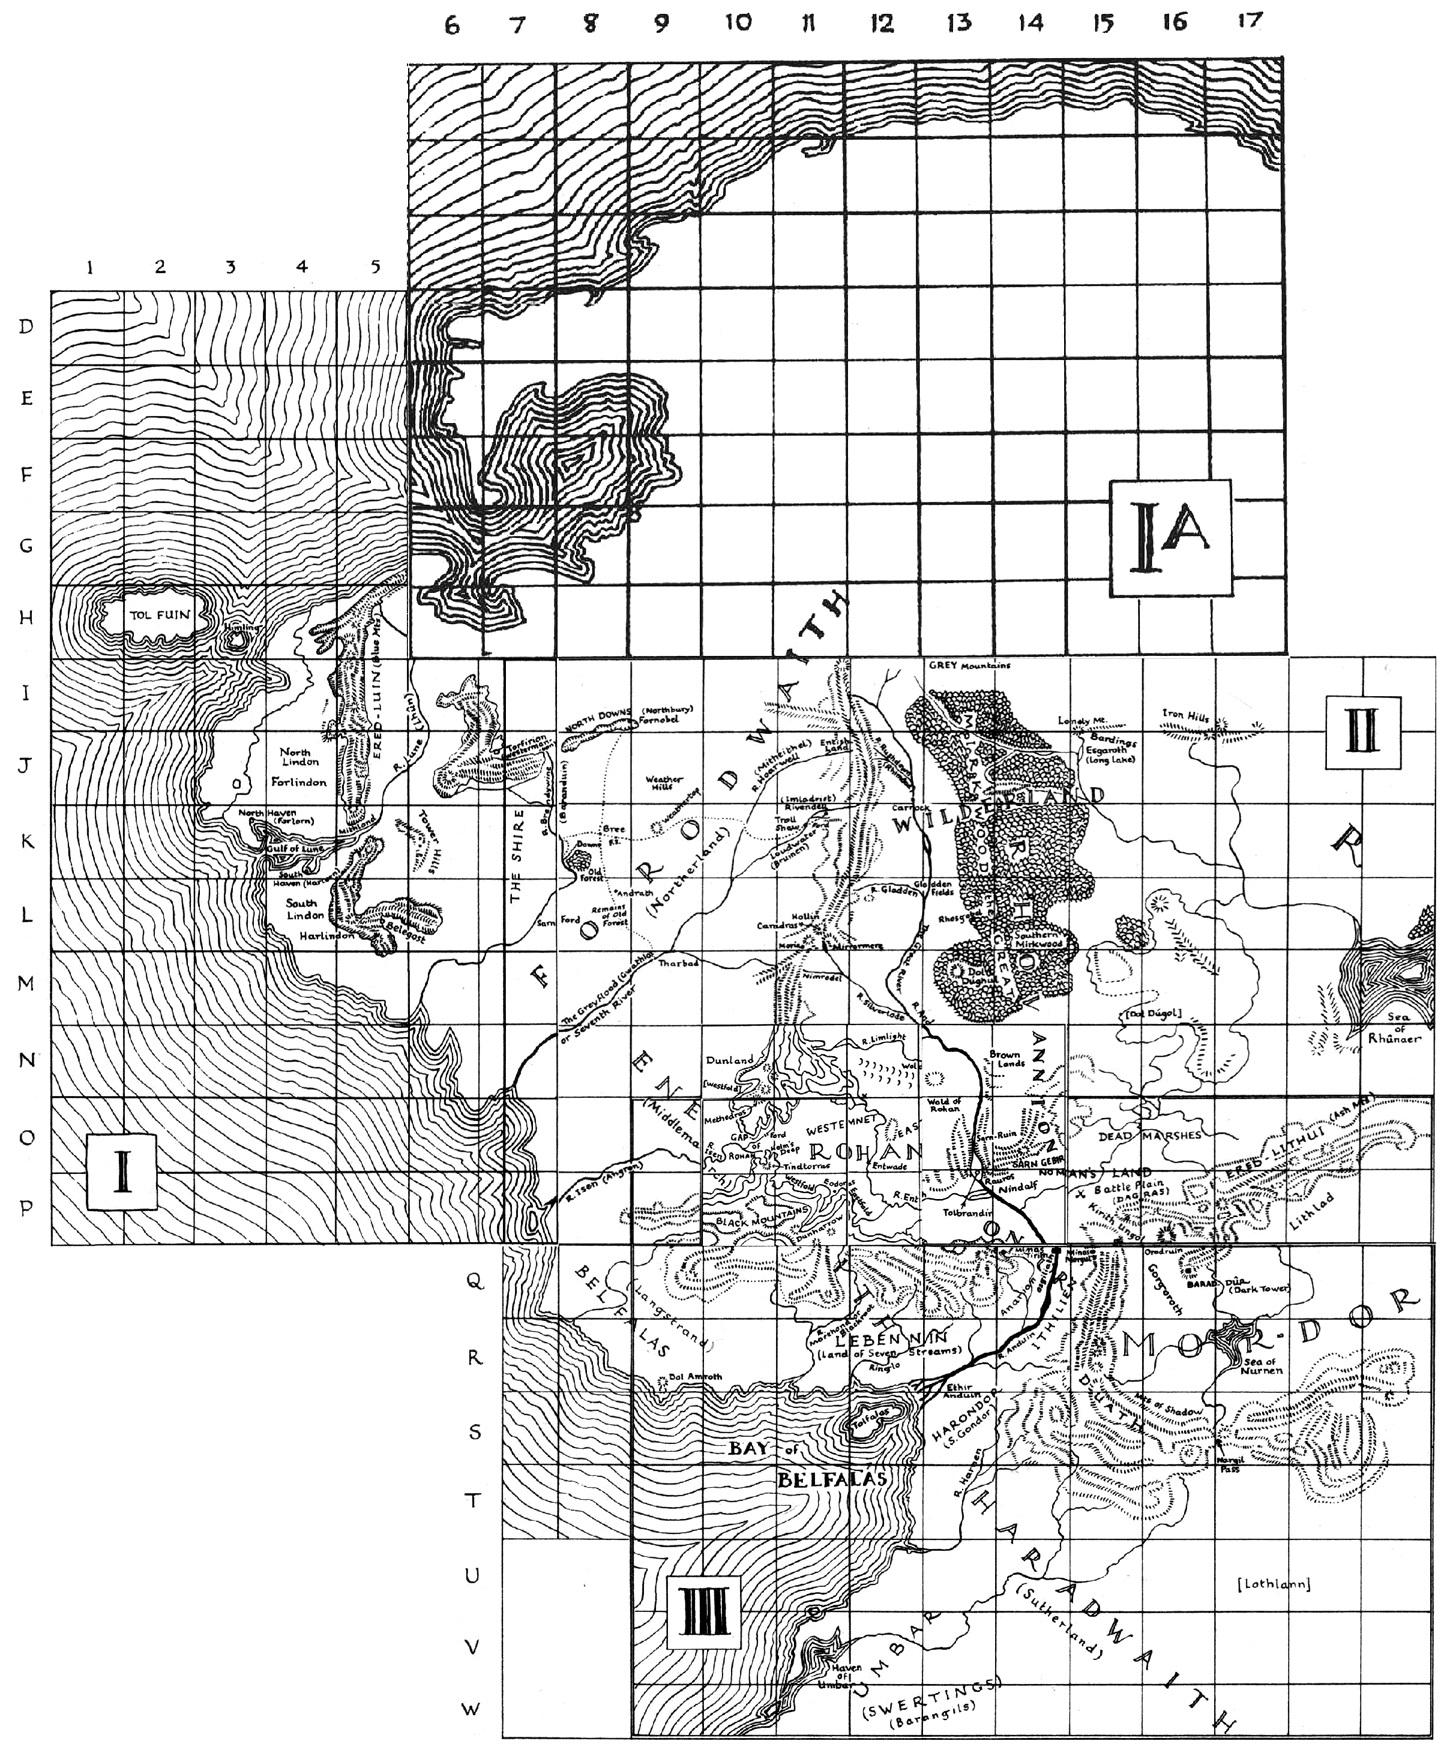 Tolkienin Keski Maan Kartta Vihdoin Nahtavilla Laiton Lehti